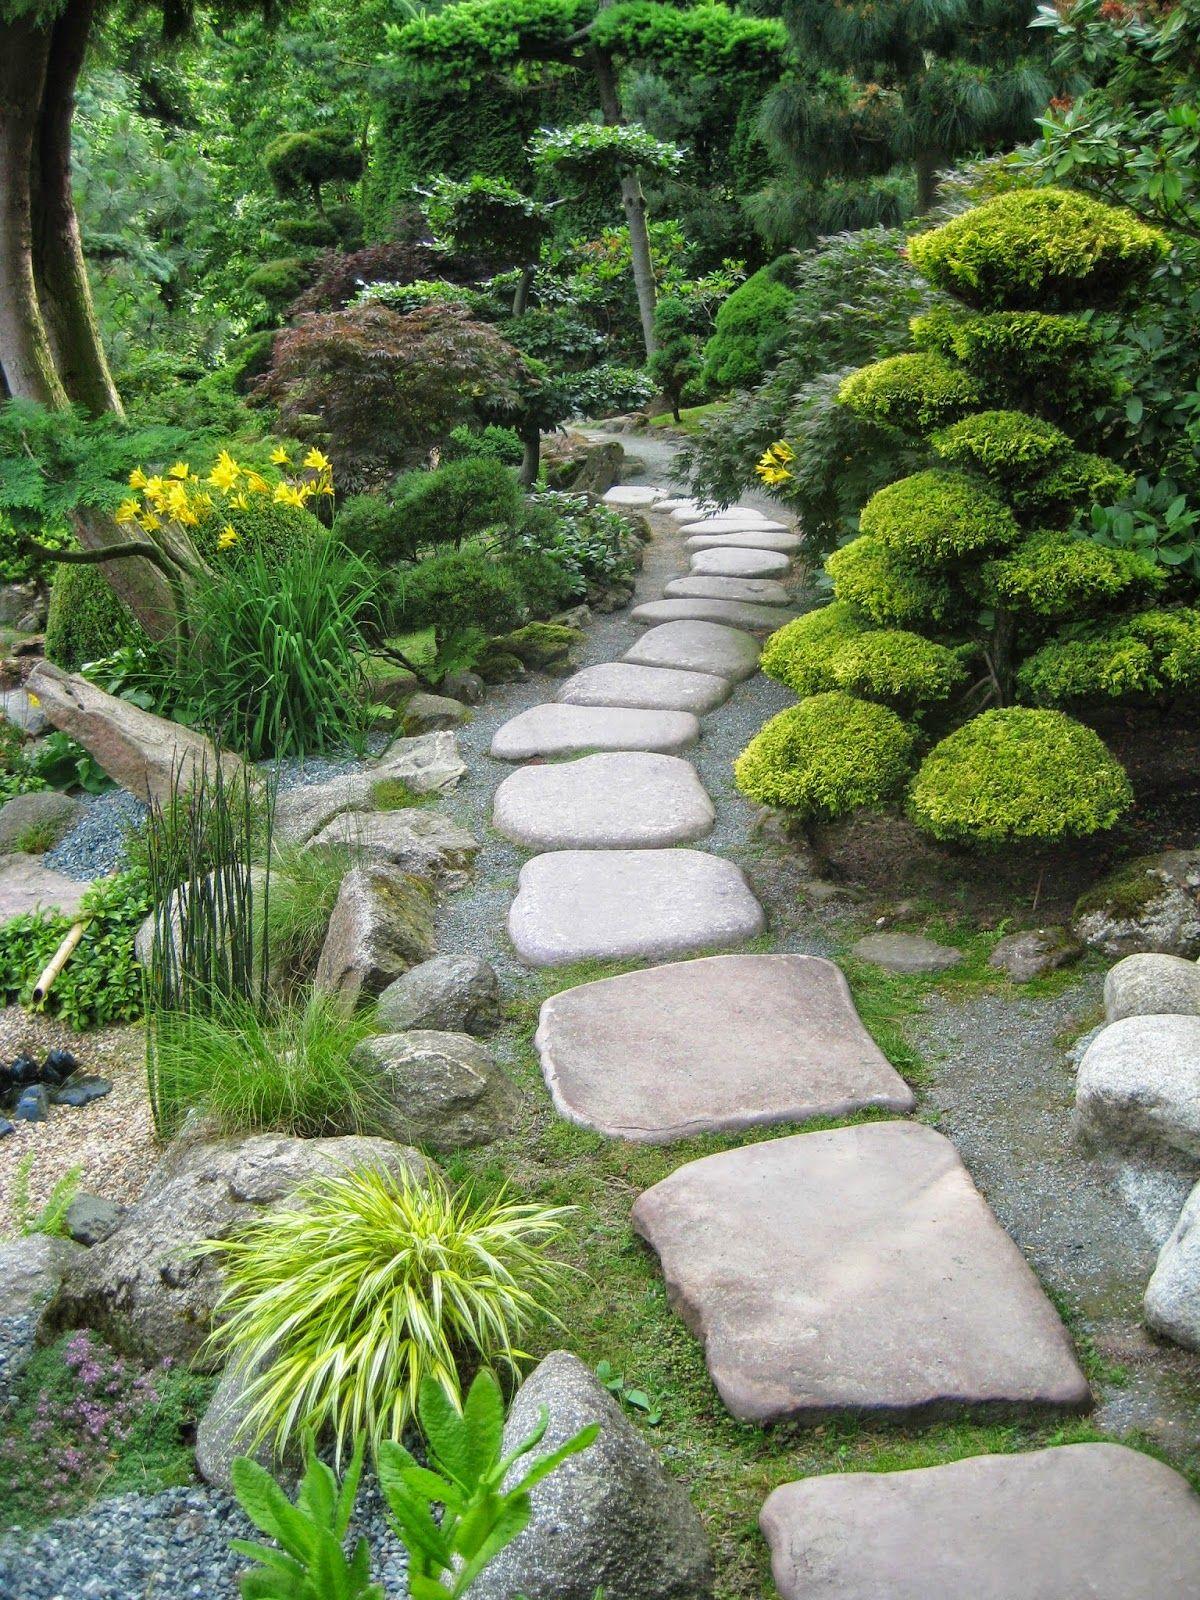 Np048pytxms u7epwi1i57i aaaaaaaacuy for Japanese garden path